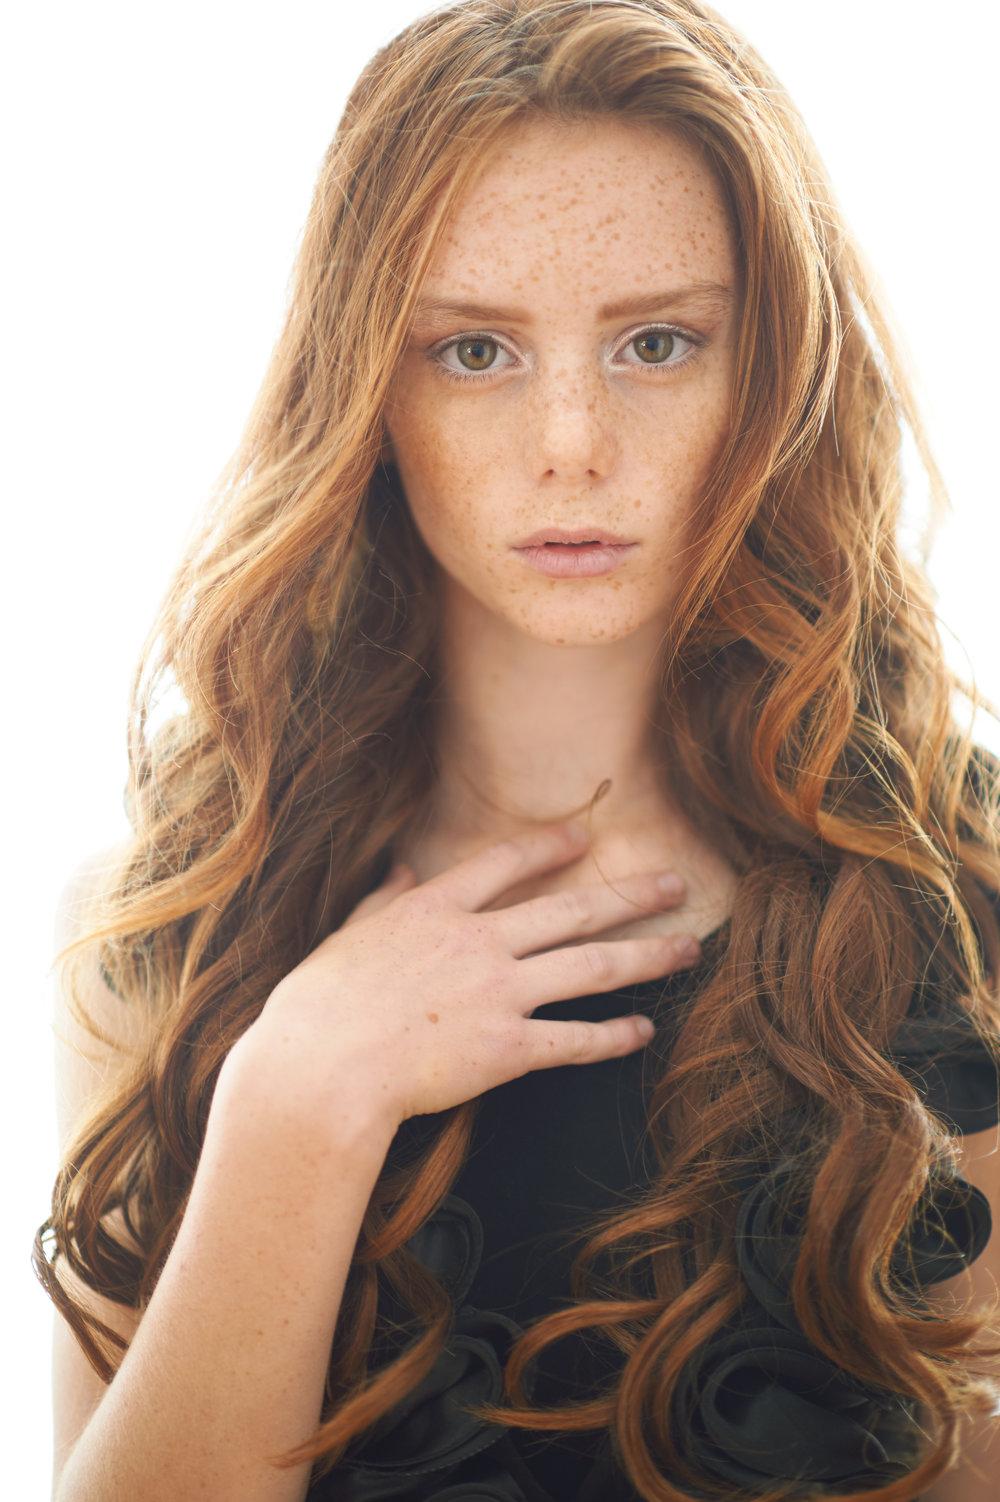 Marta-Hewson-Classical-portrait-redhead-freckles-doe-eyes.jpg